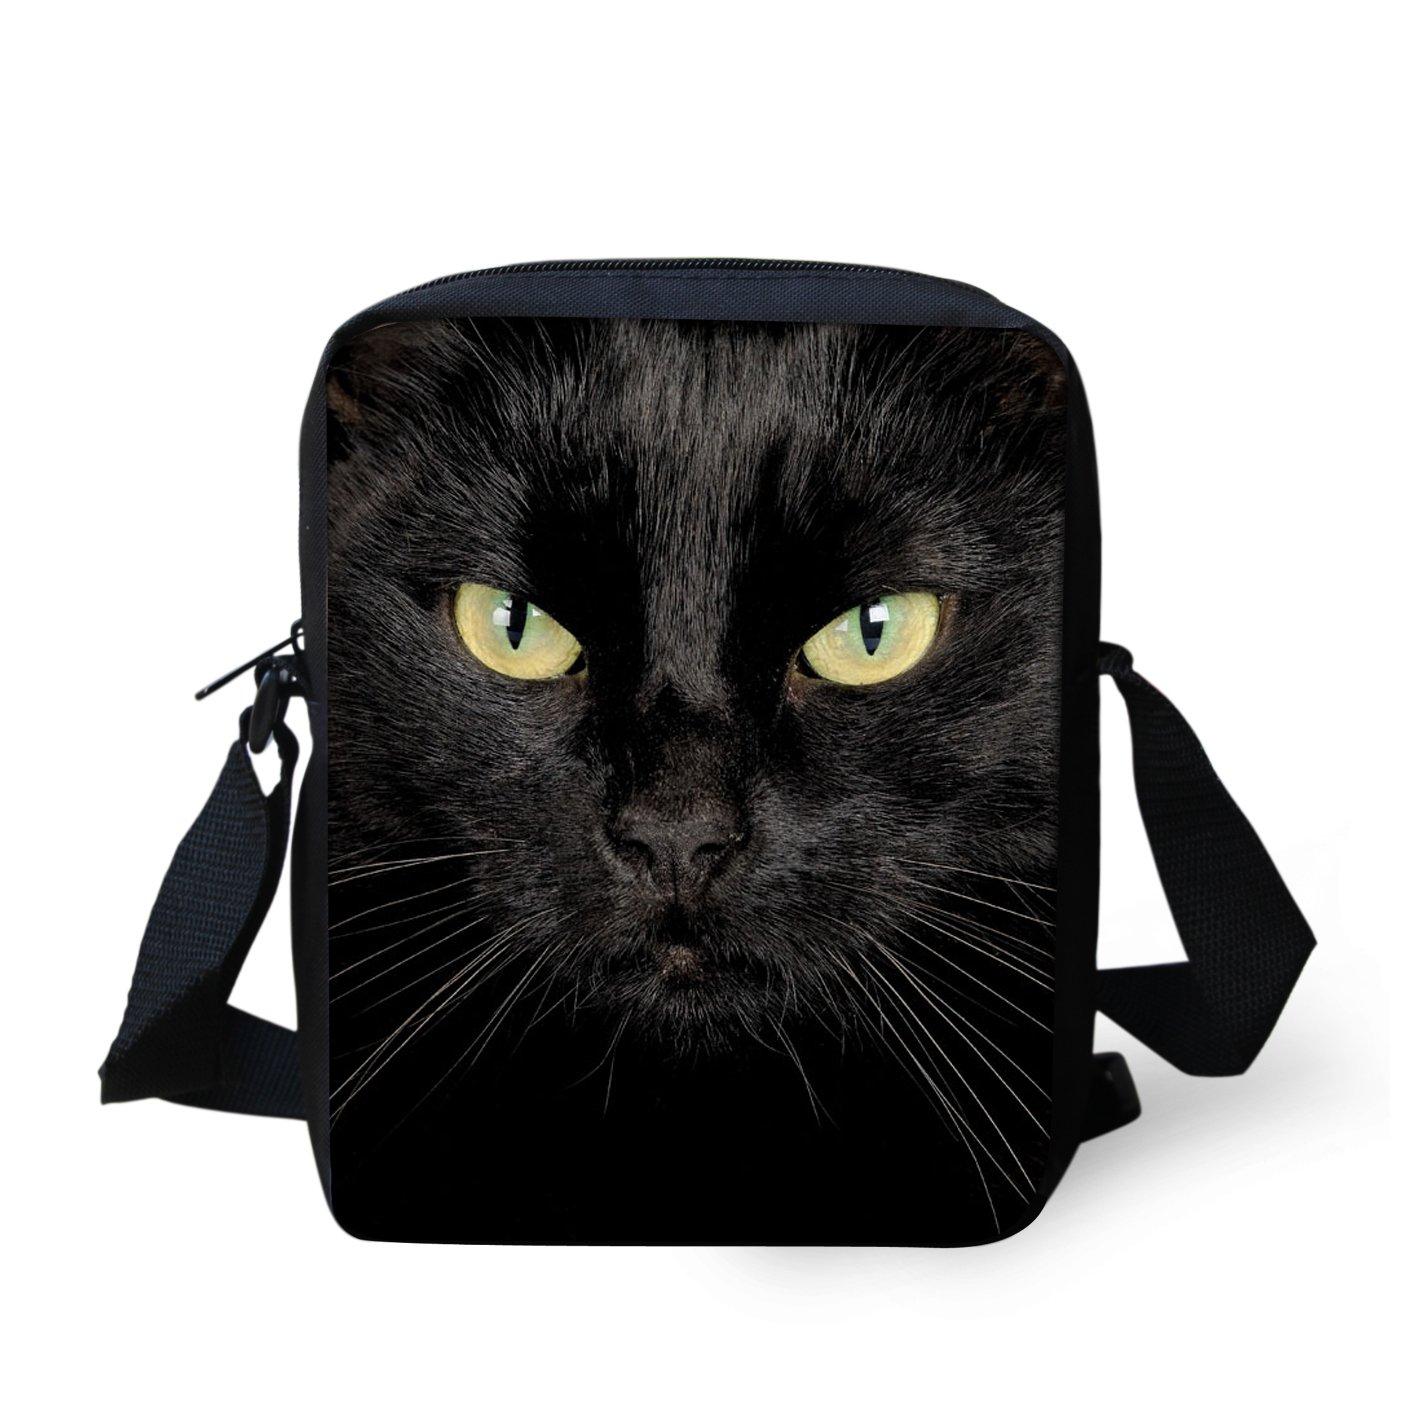 HUGS IDEA Animals Face Small Crossbody Bags Shoulder Handbag